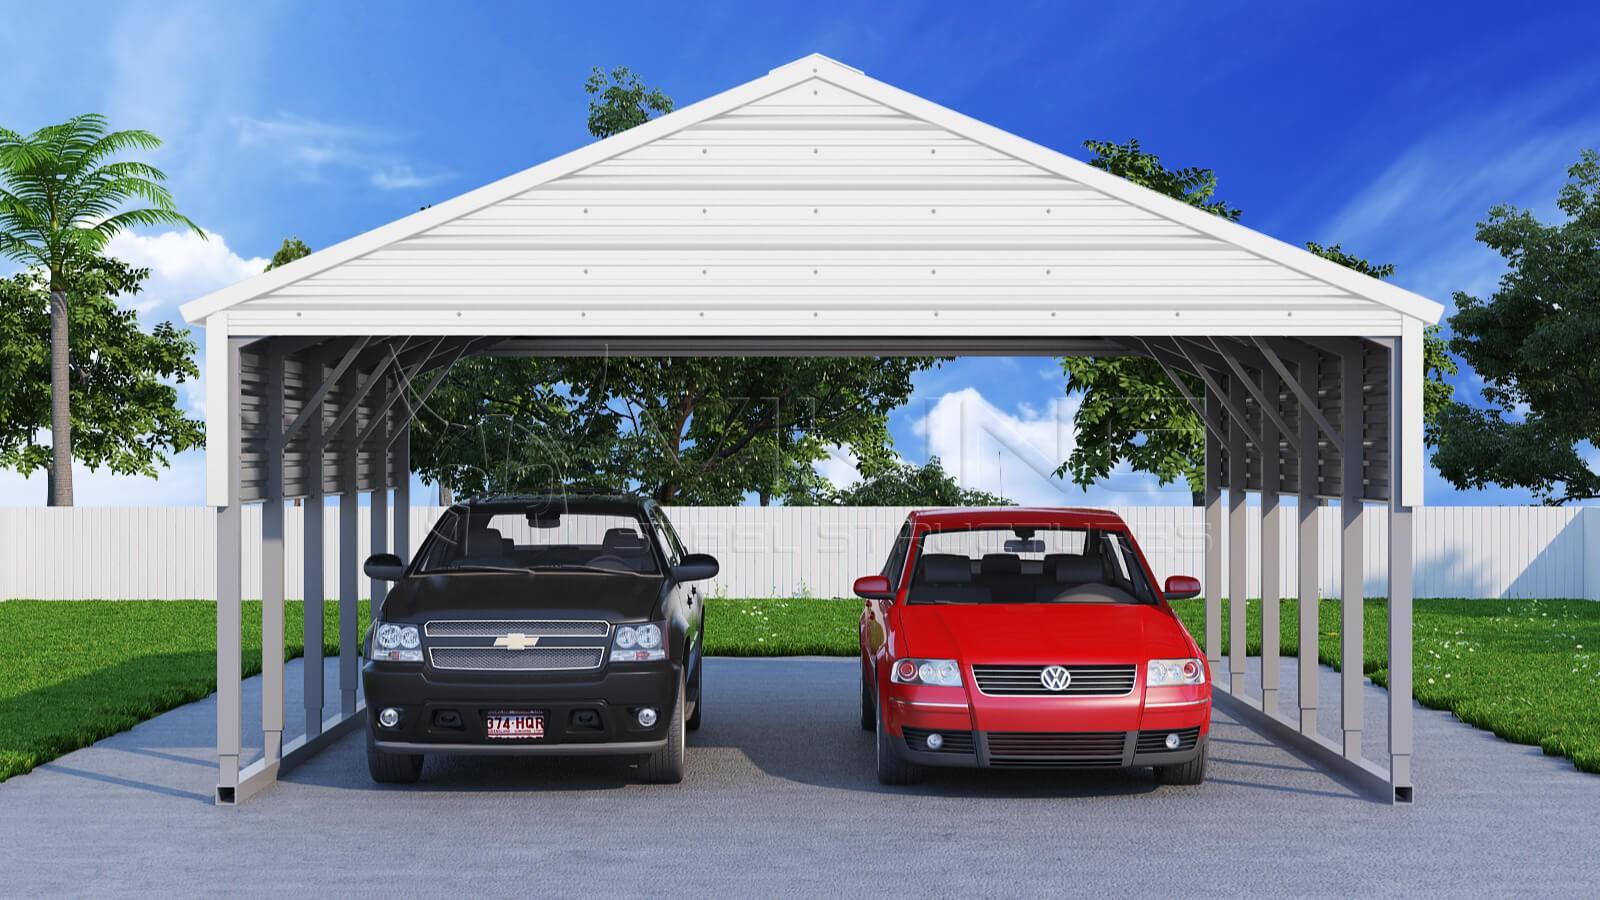 10 18 Metal Carport : Steel carport building